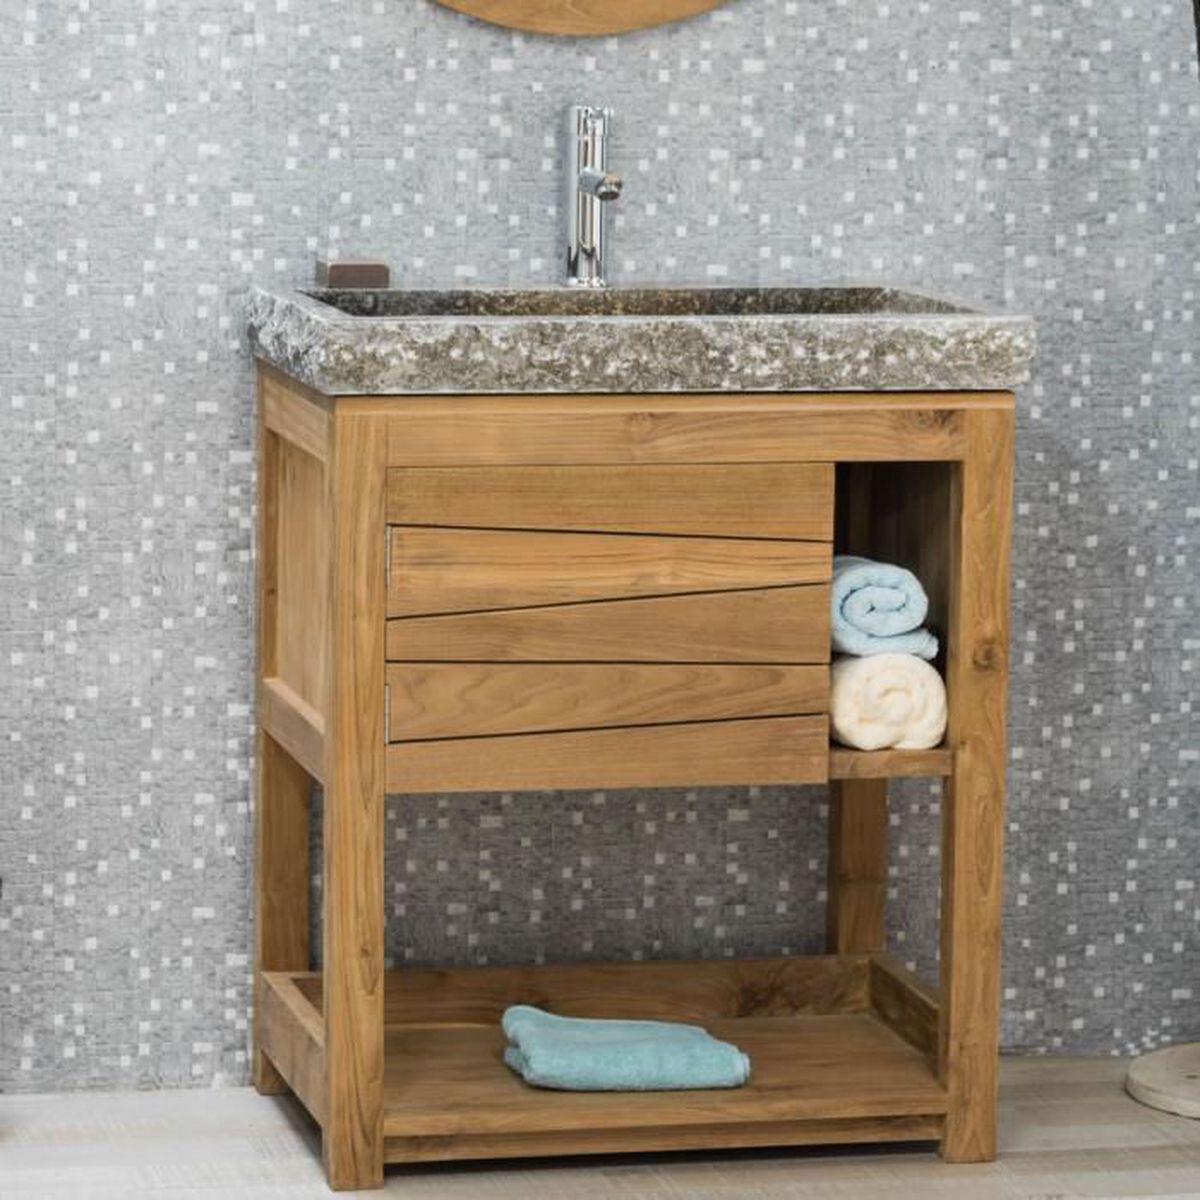 meuble en teck massif cosy 67cm vasque gris achat vente meuble vasque plan meuble en. Black Bedroom Furniture Sets. Home Design Ideas